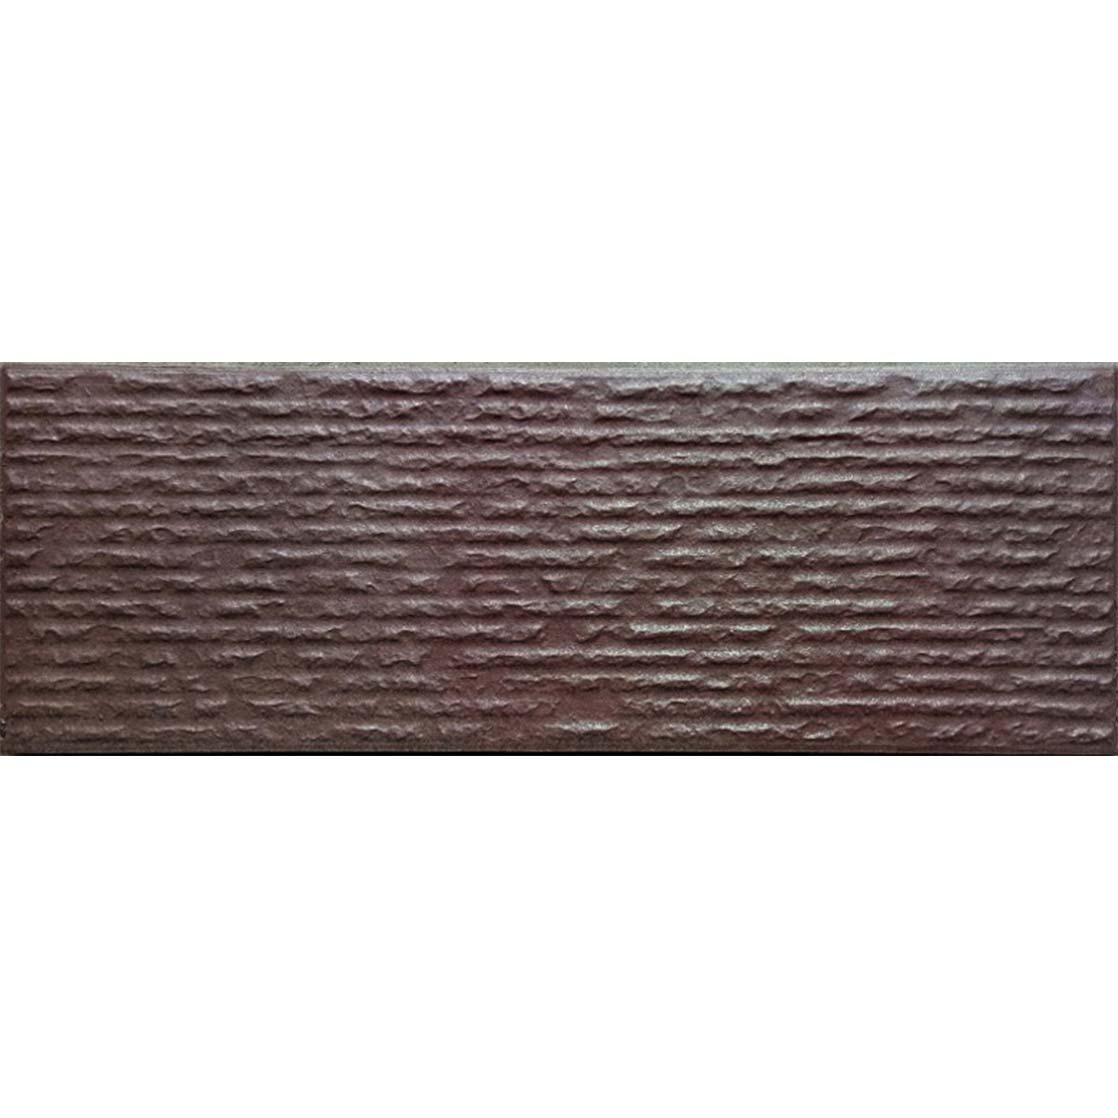 Gạch thẻ trang trí 100x300 Viglacera CL1321 giá tốt